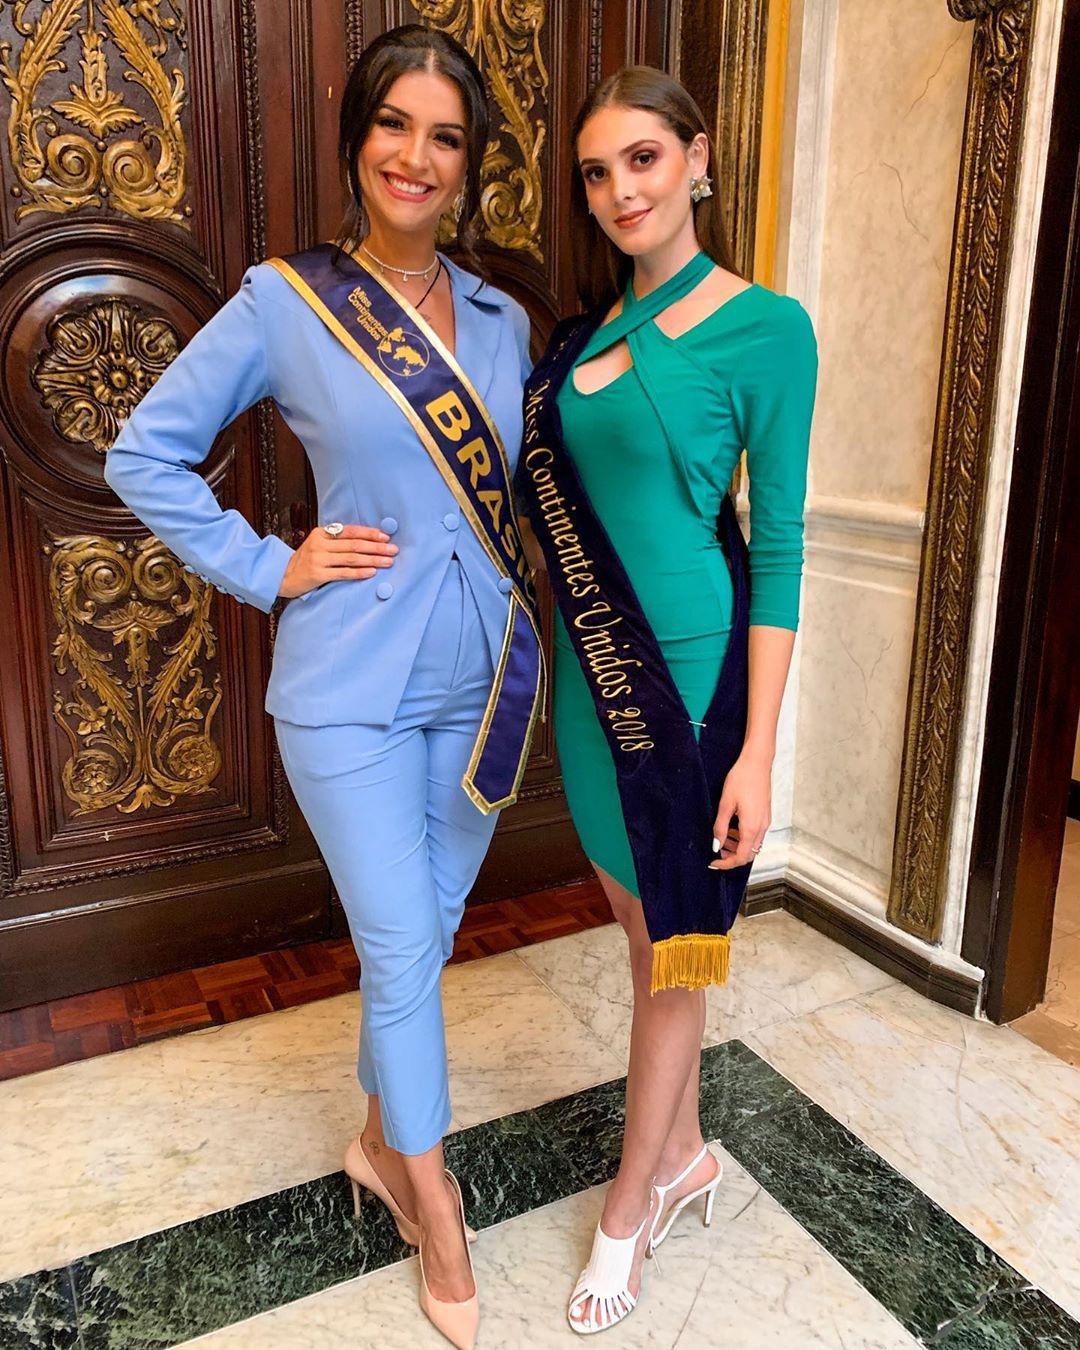 thylara brenner, miss brasil continentes unidos 2019. - Página 11 69803410